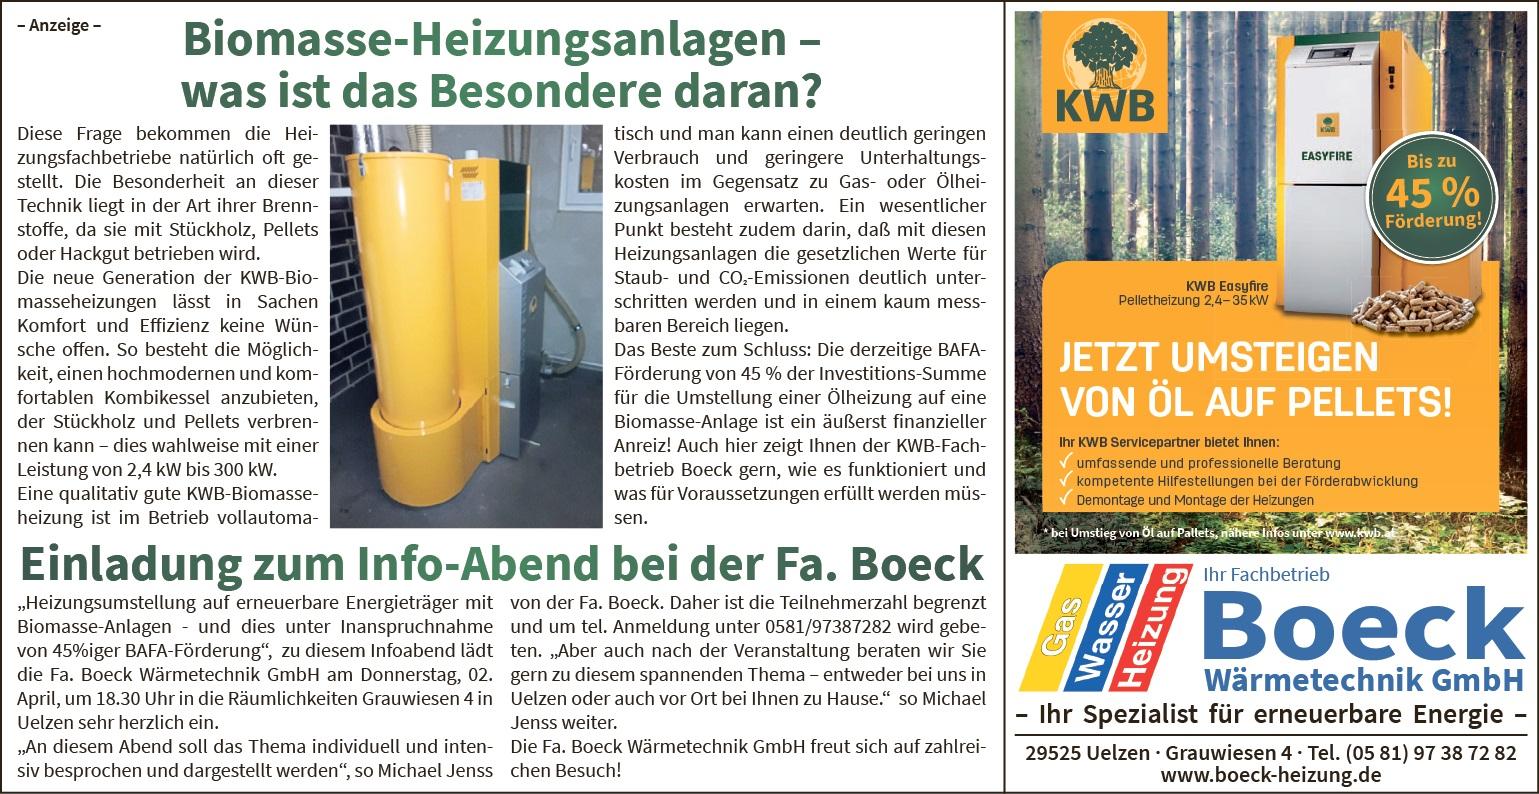 biomasse-heizungsanlagen-was-ist-das-besondere-daran-boeck-anzeig